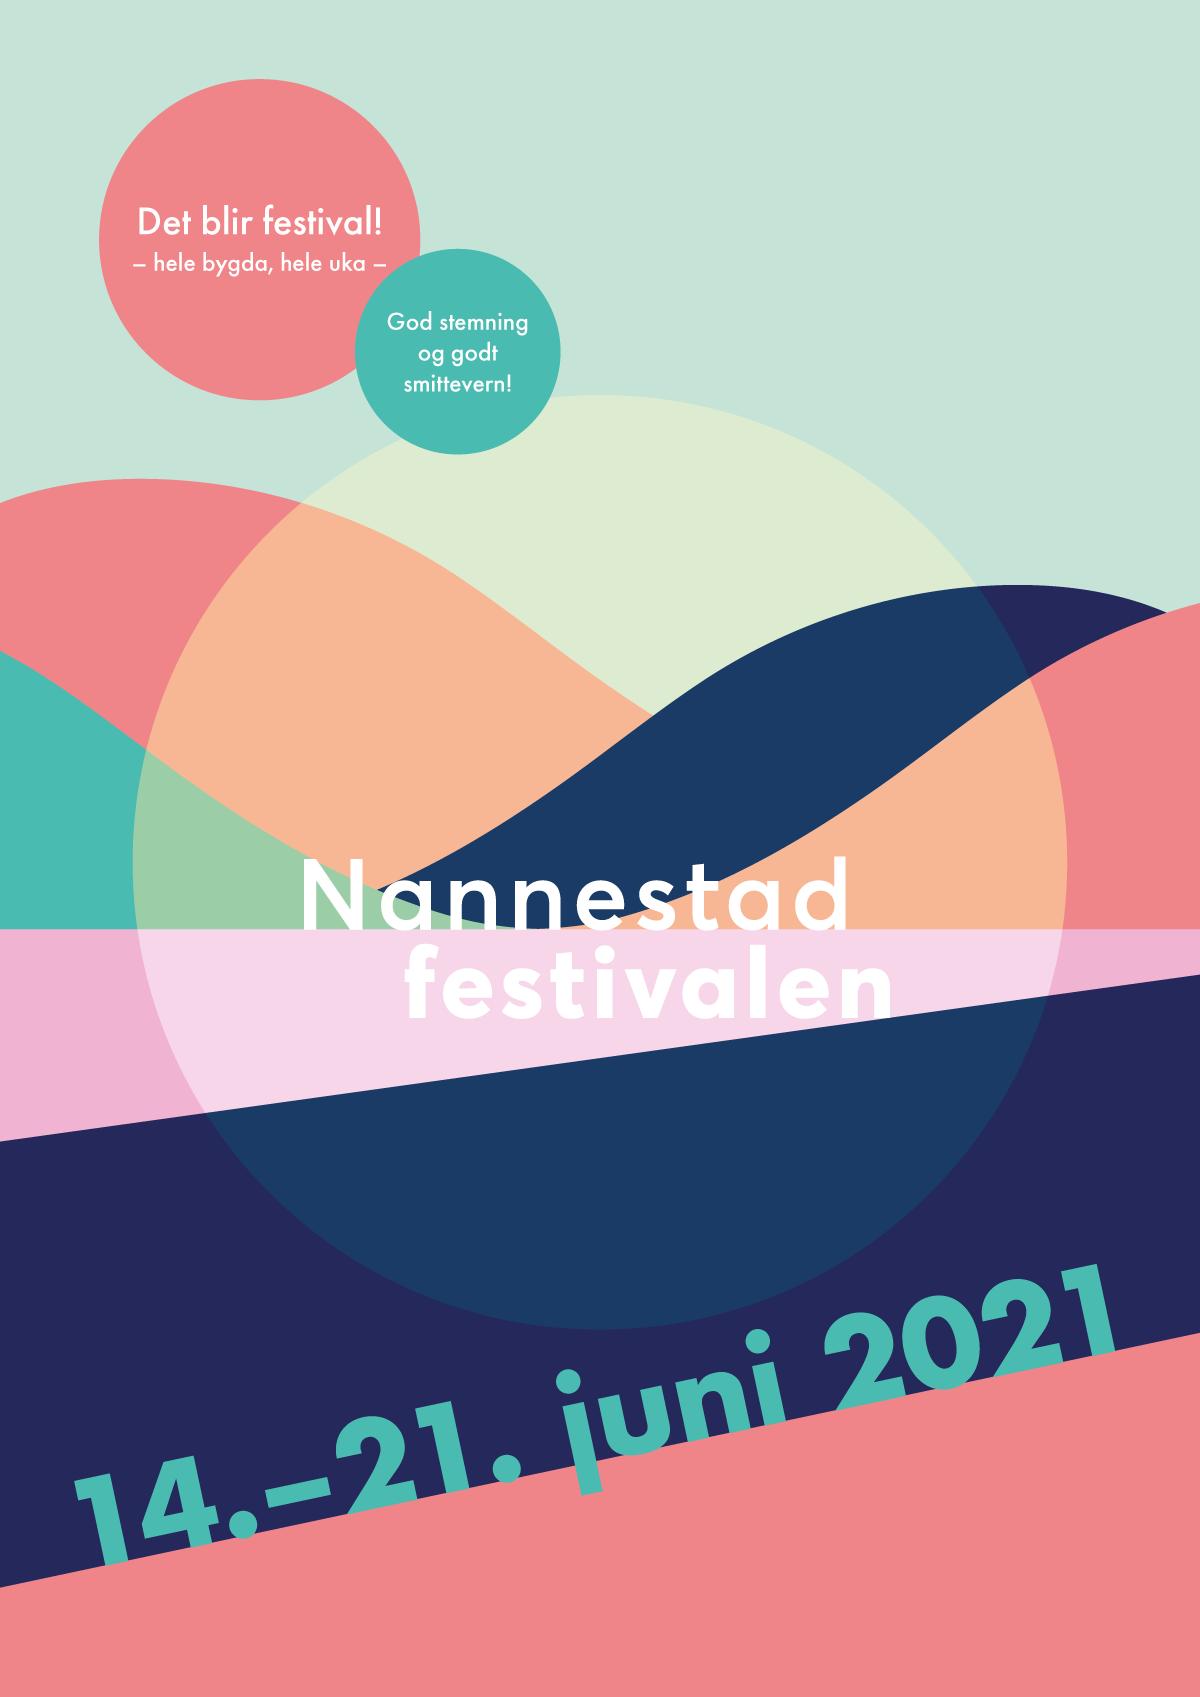 Nannestadfestivalen 2021, poster